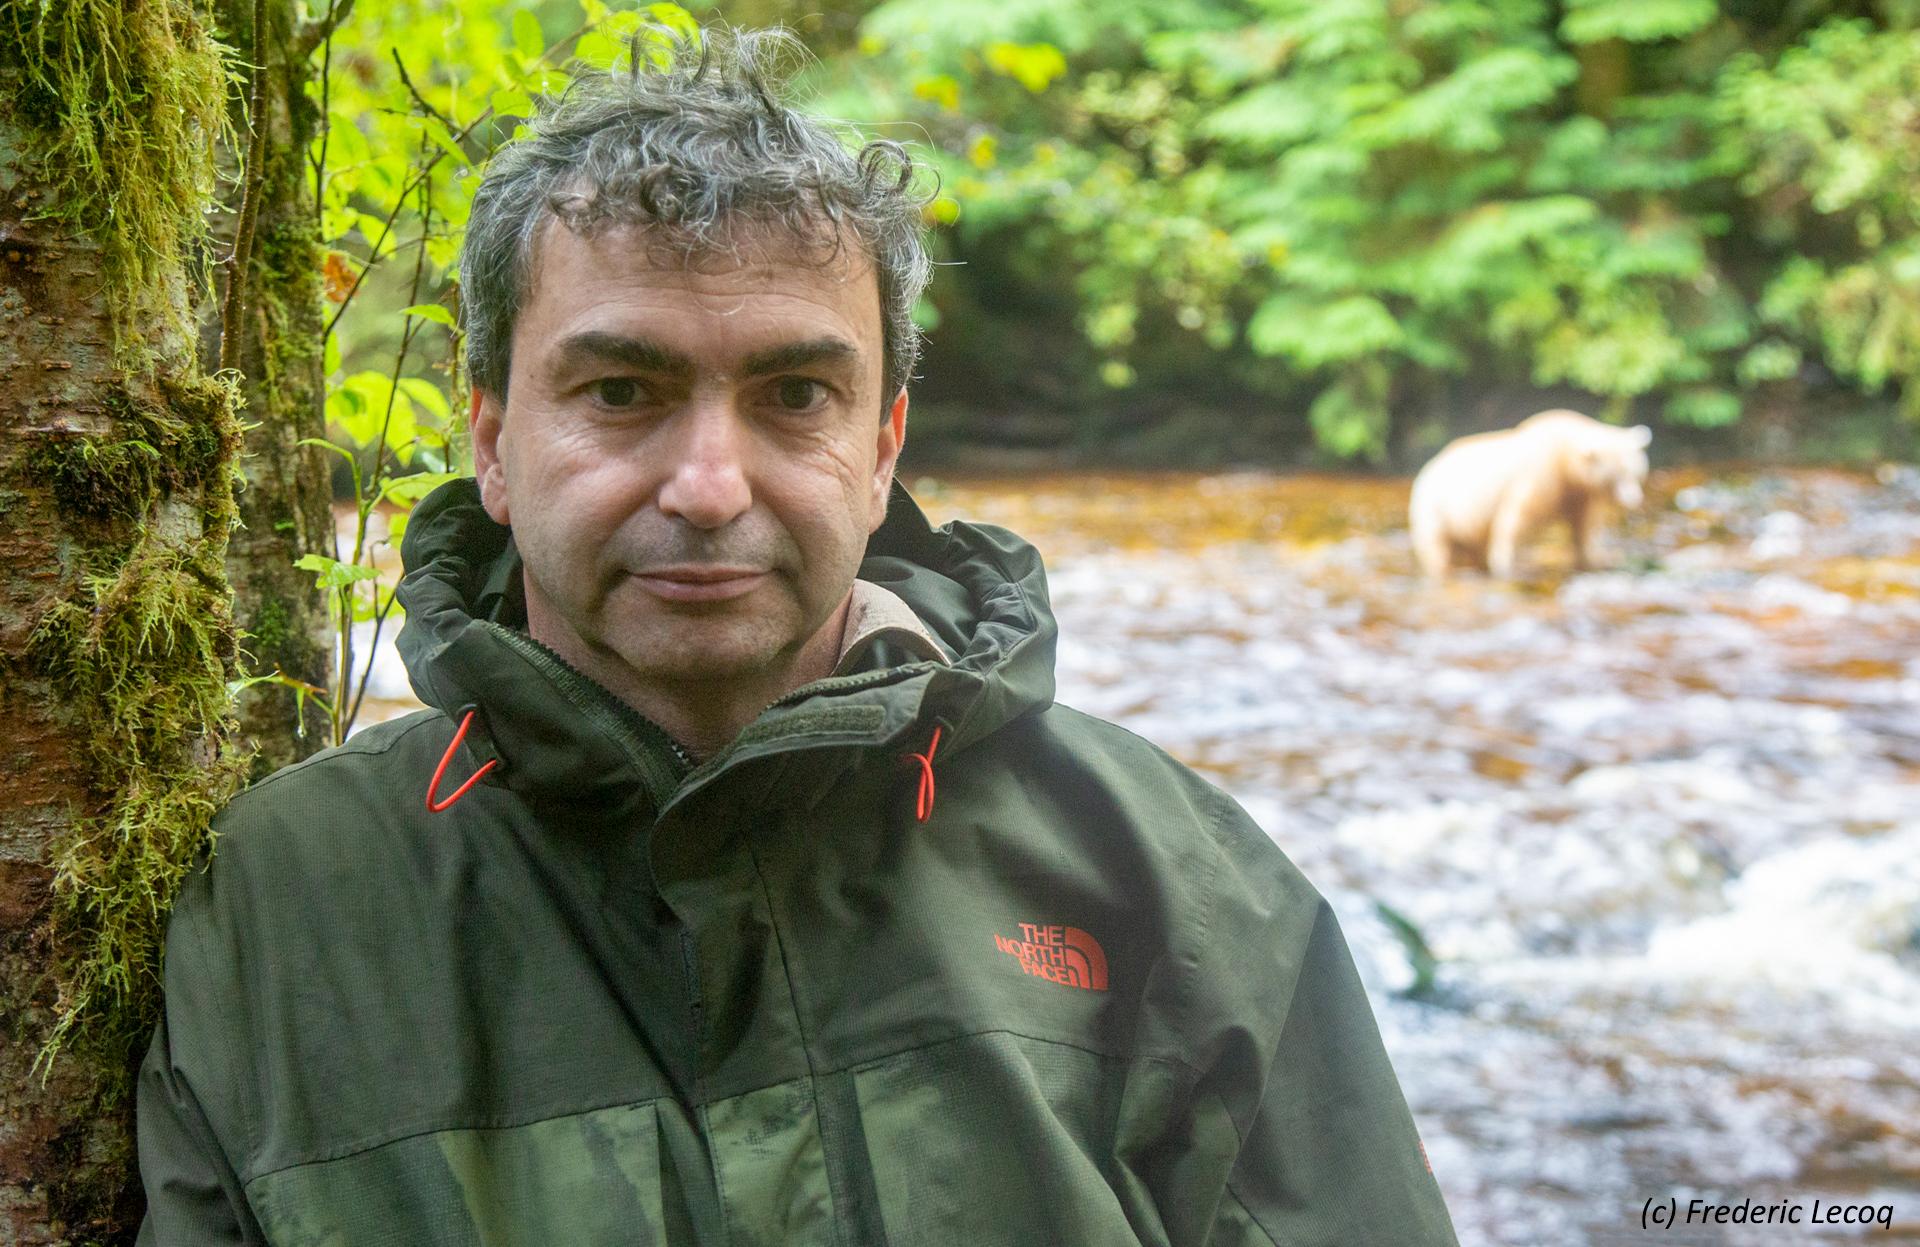 Reiseleiter Frederic Lecoq